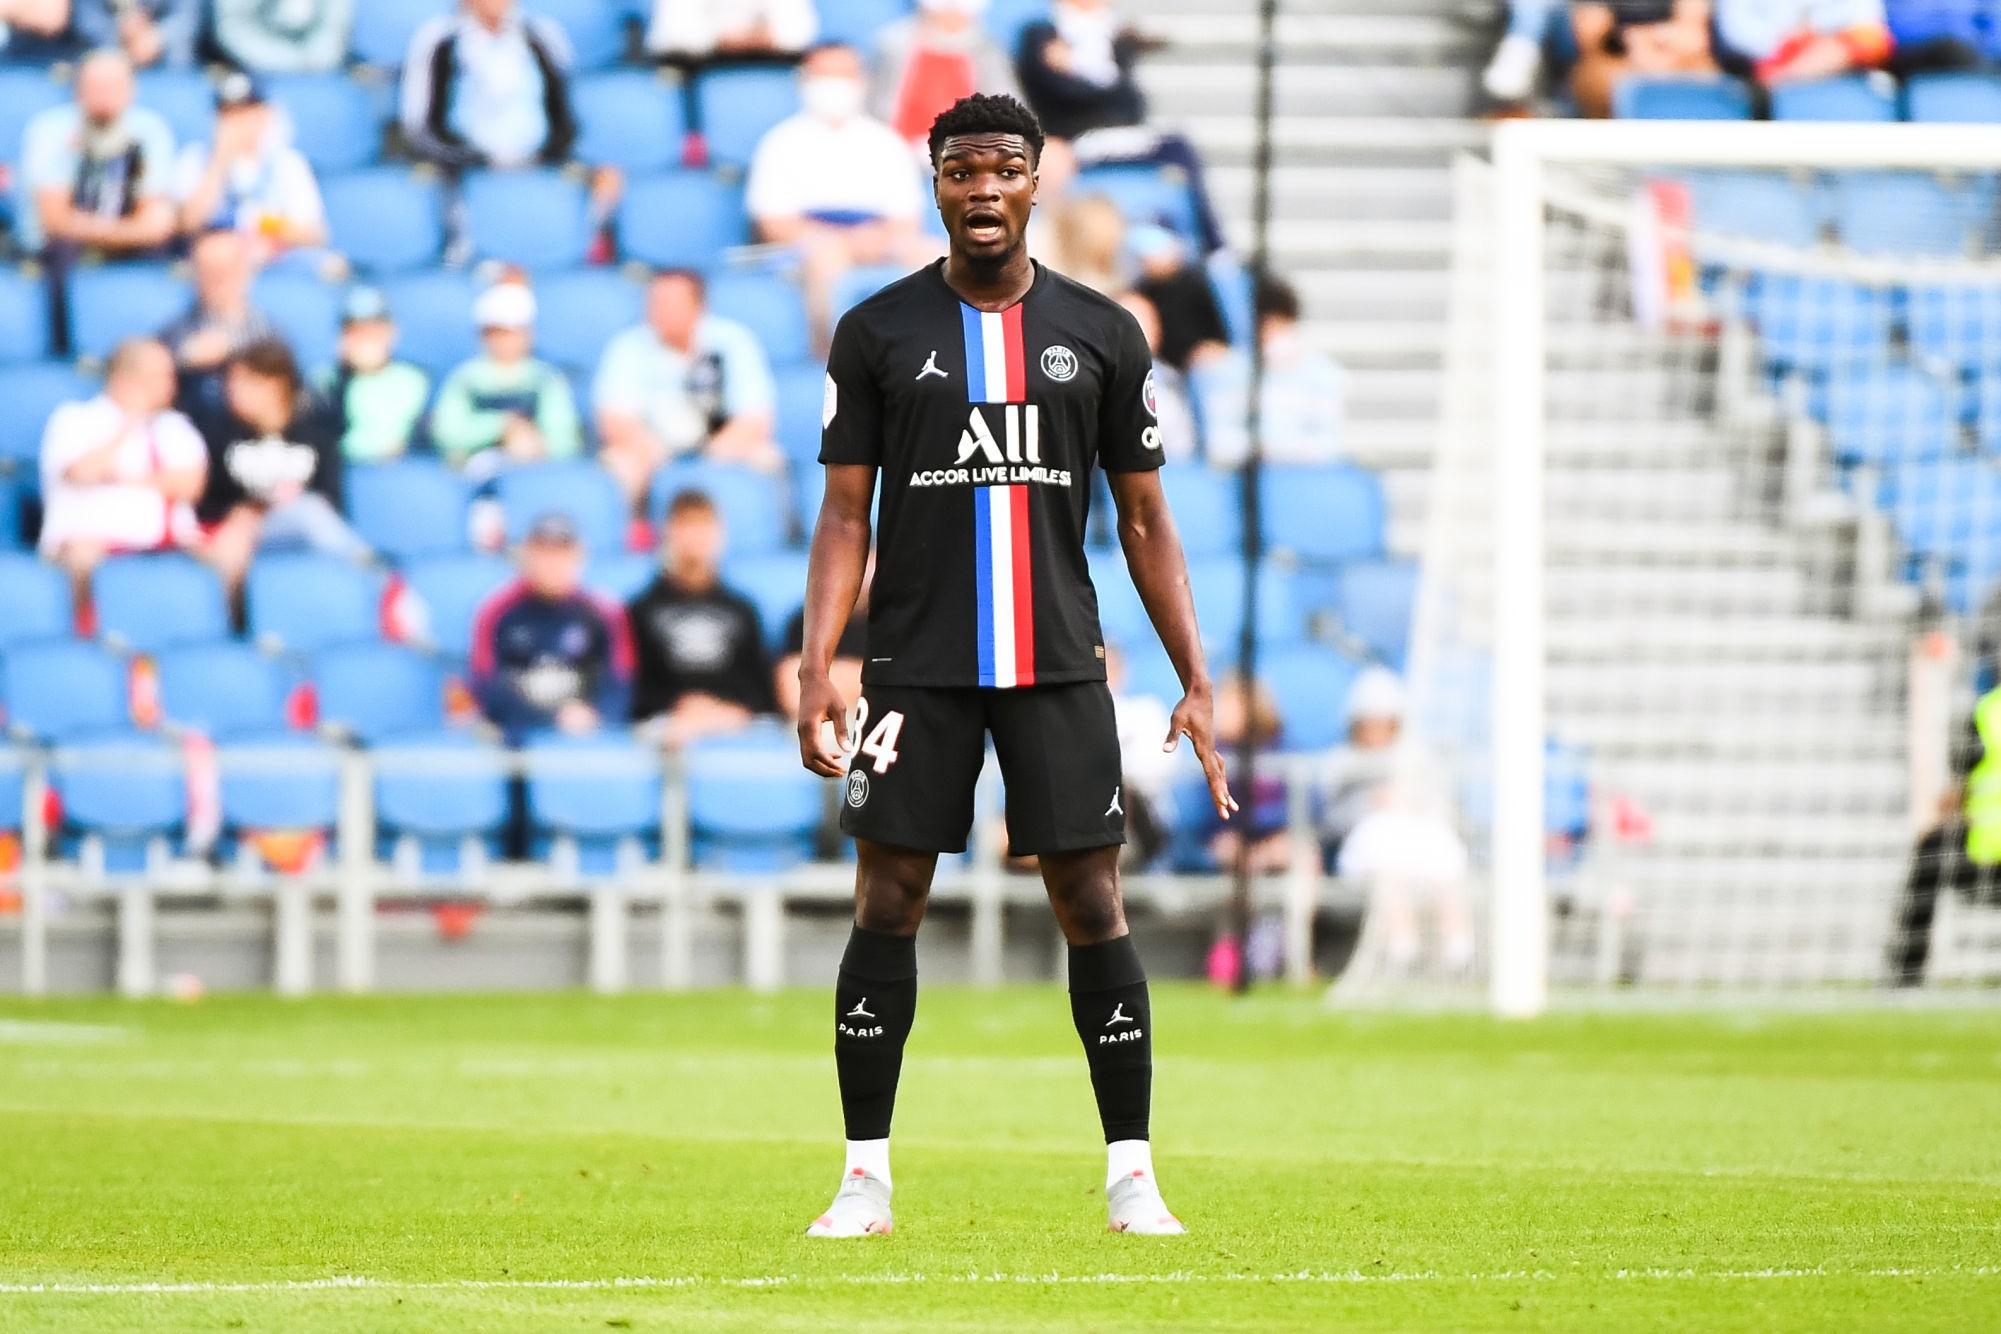 Exclu - Mbe Soh vers un départ, pas de temps de jeu accordé par le PSG sans une prolongation